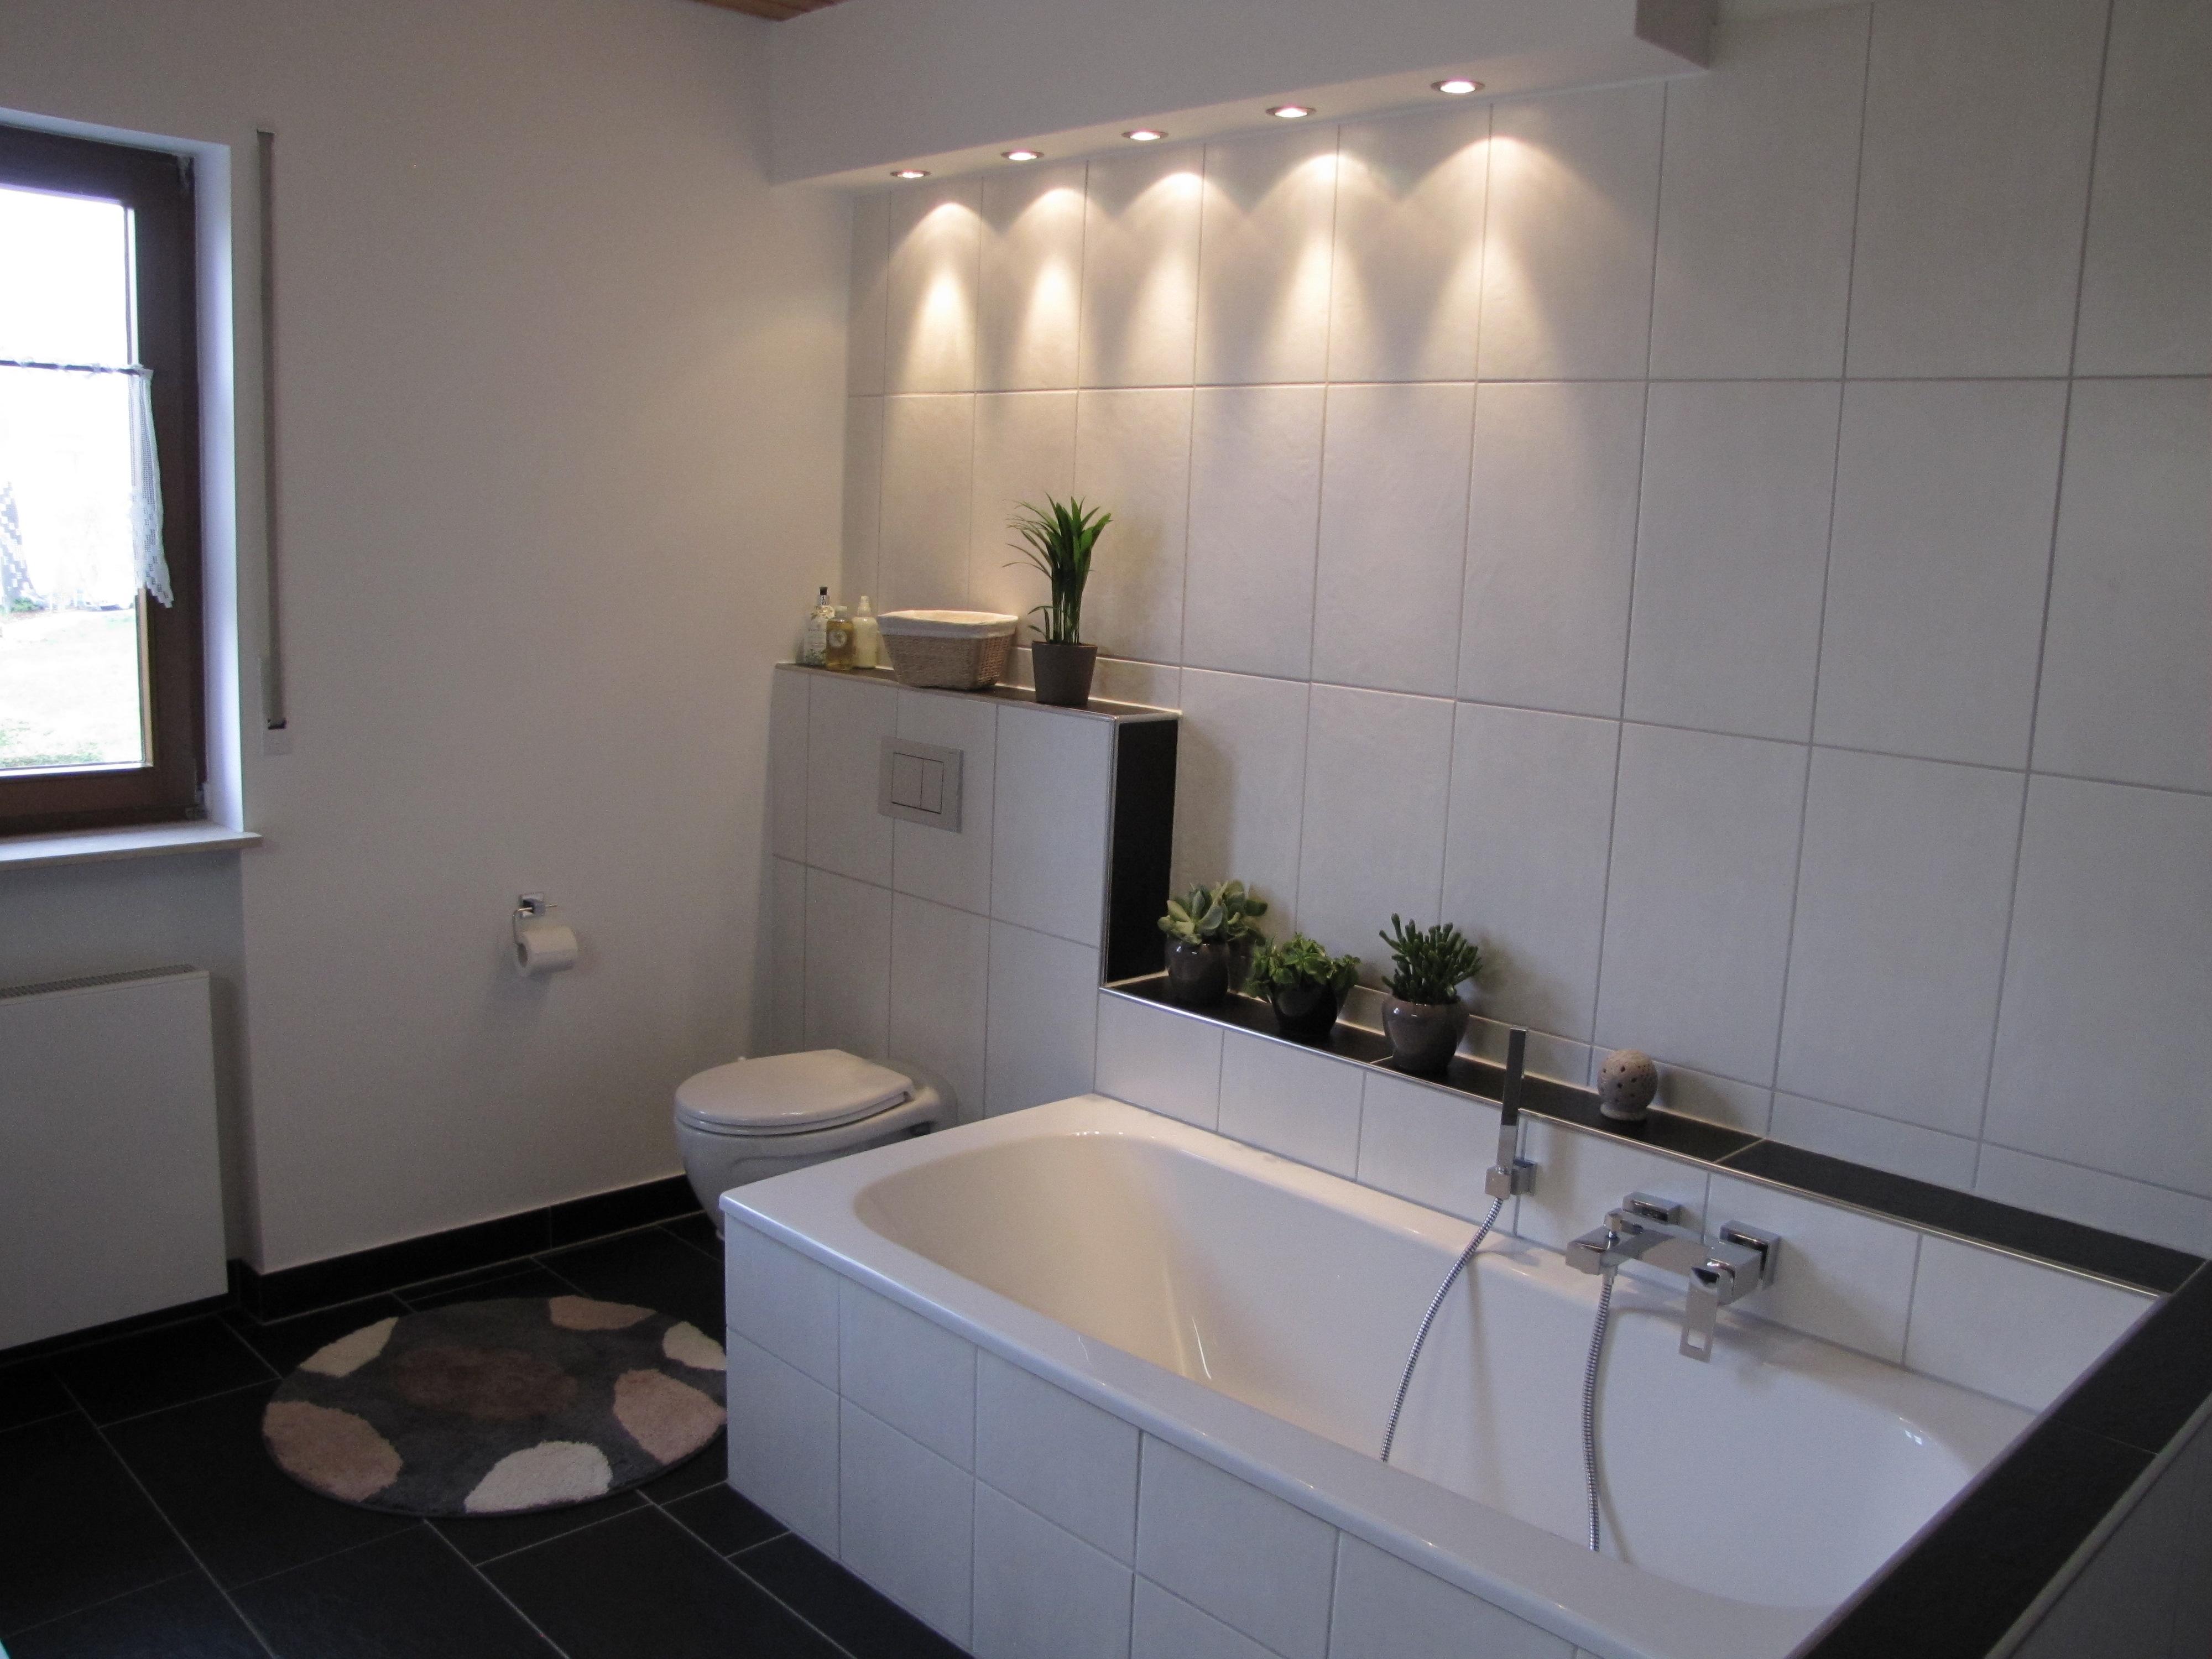 Püttlingen- Wannenbad und Toilette